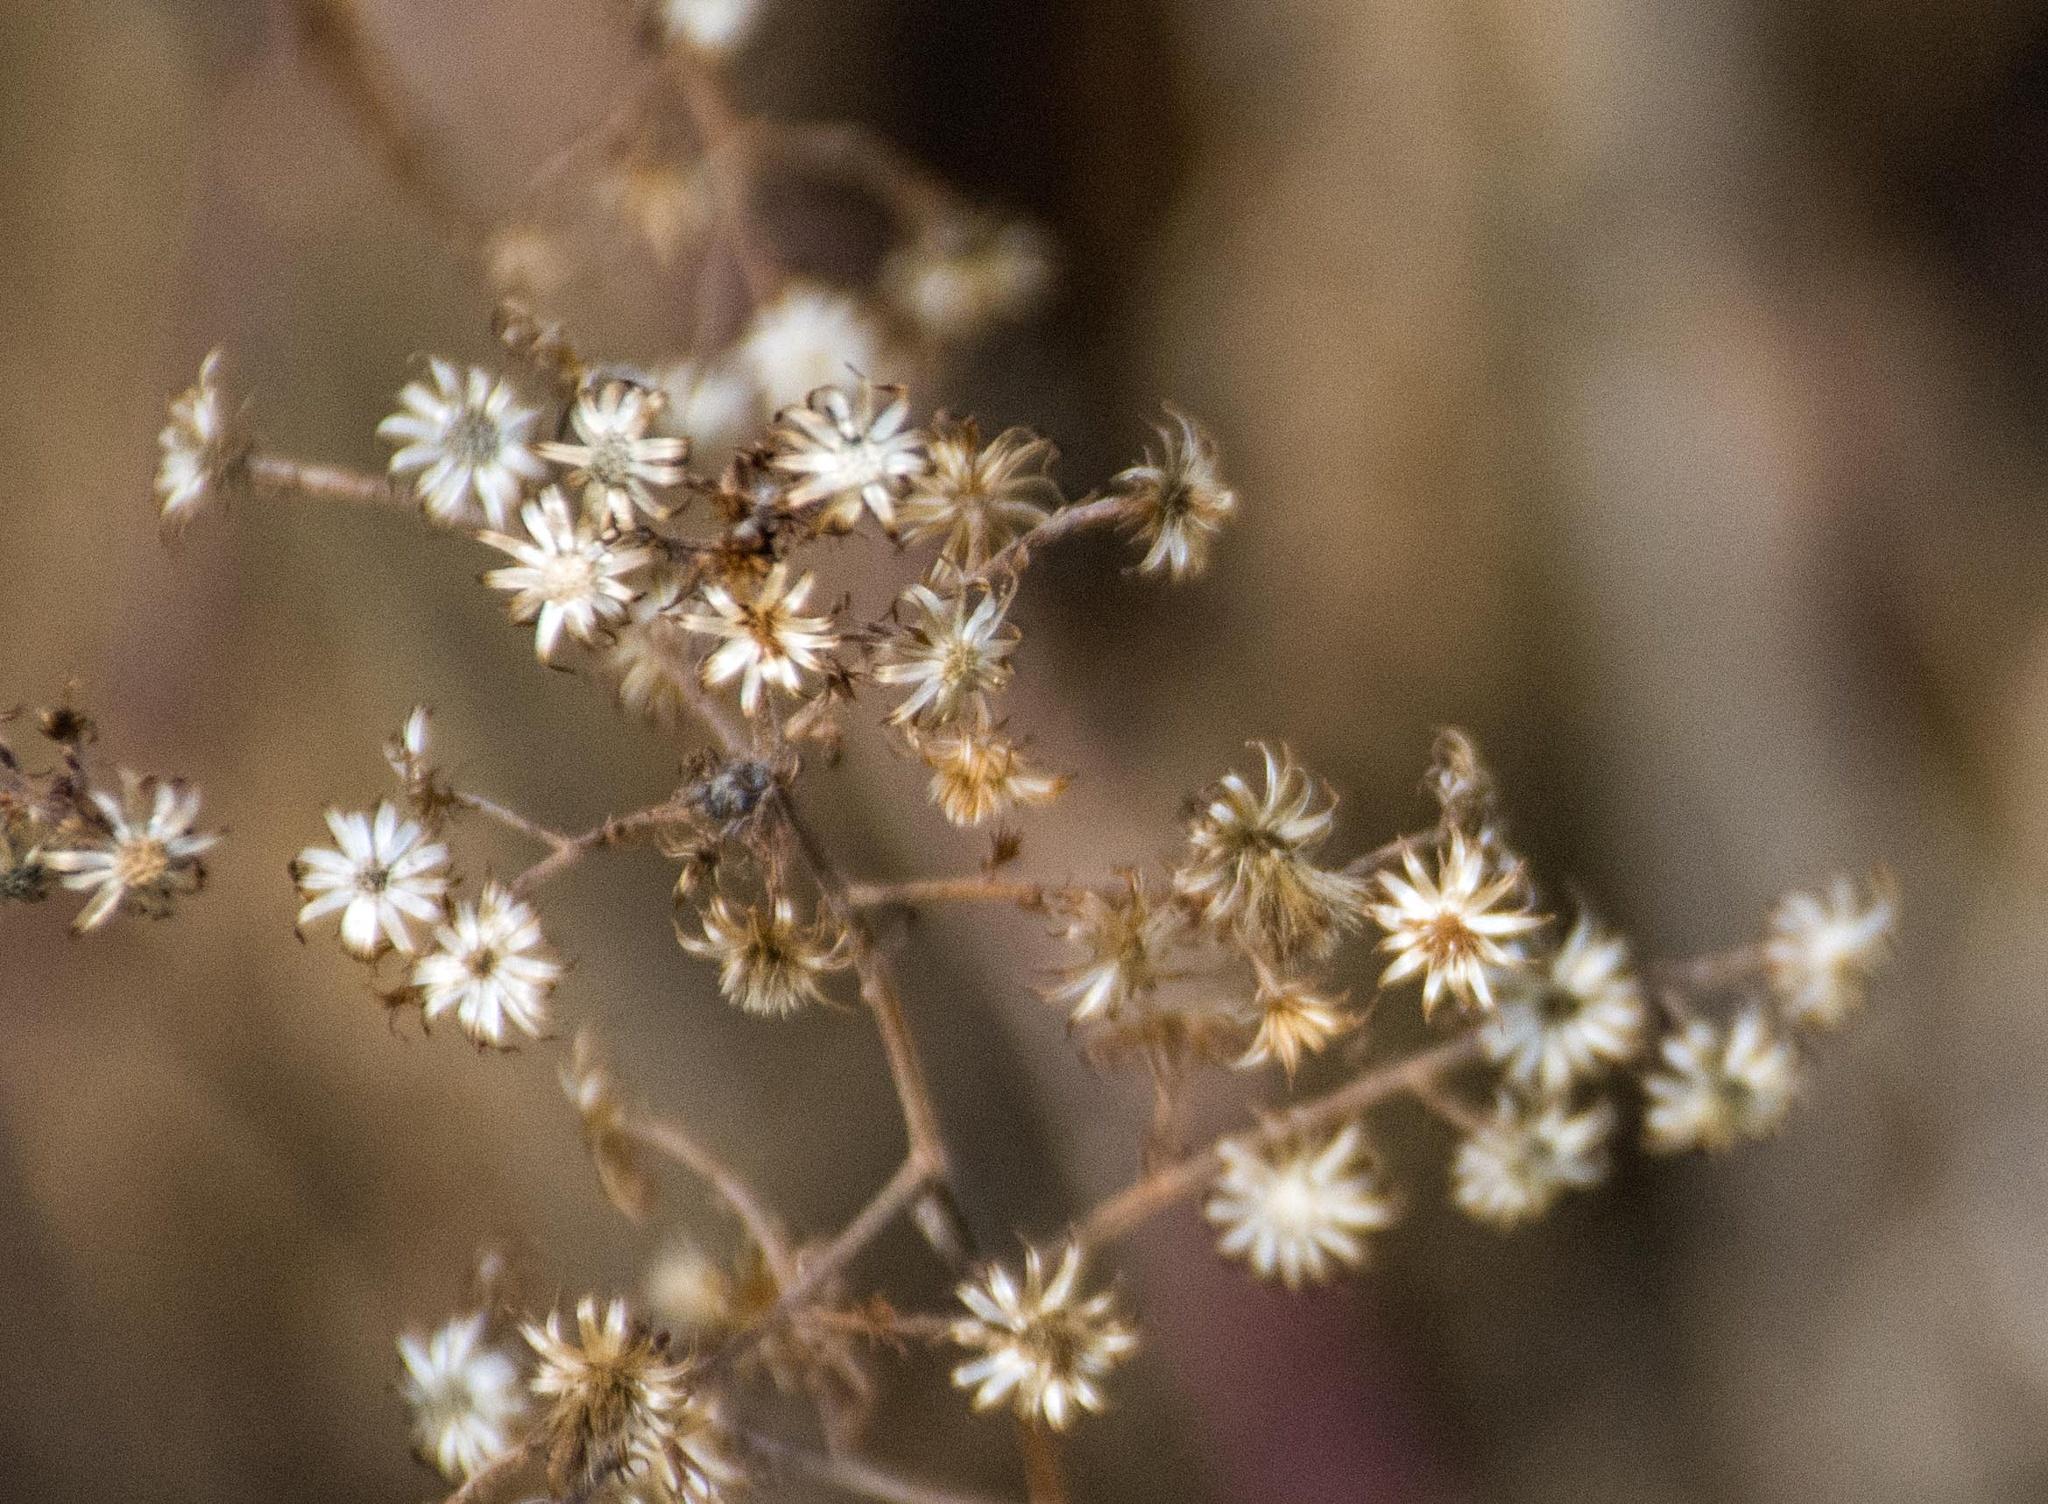 Dried Flowers by Brady Williams